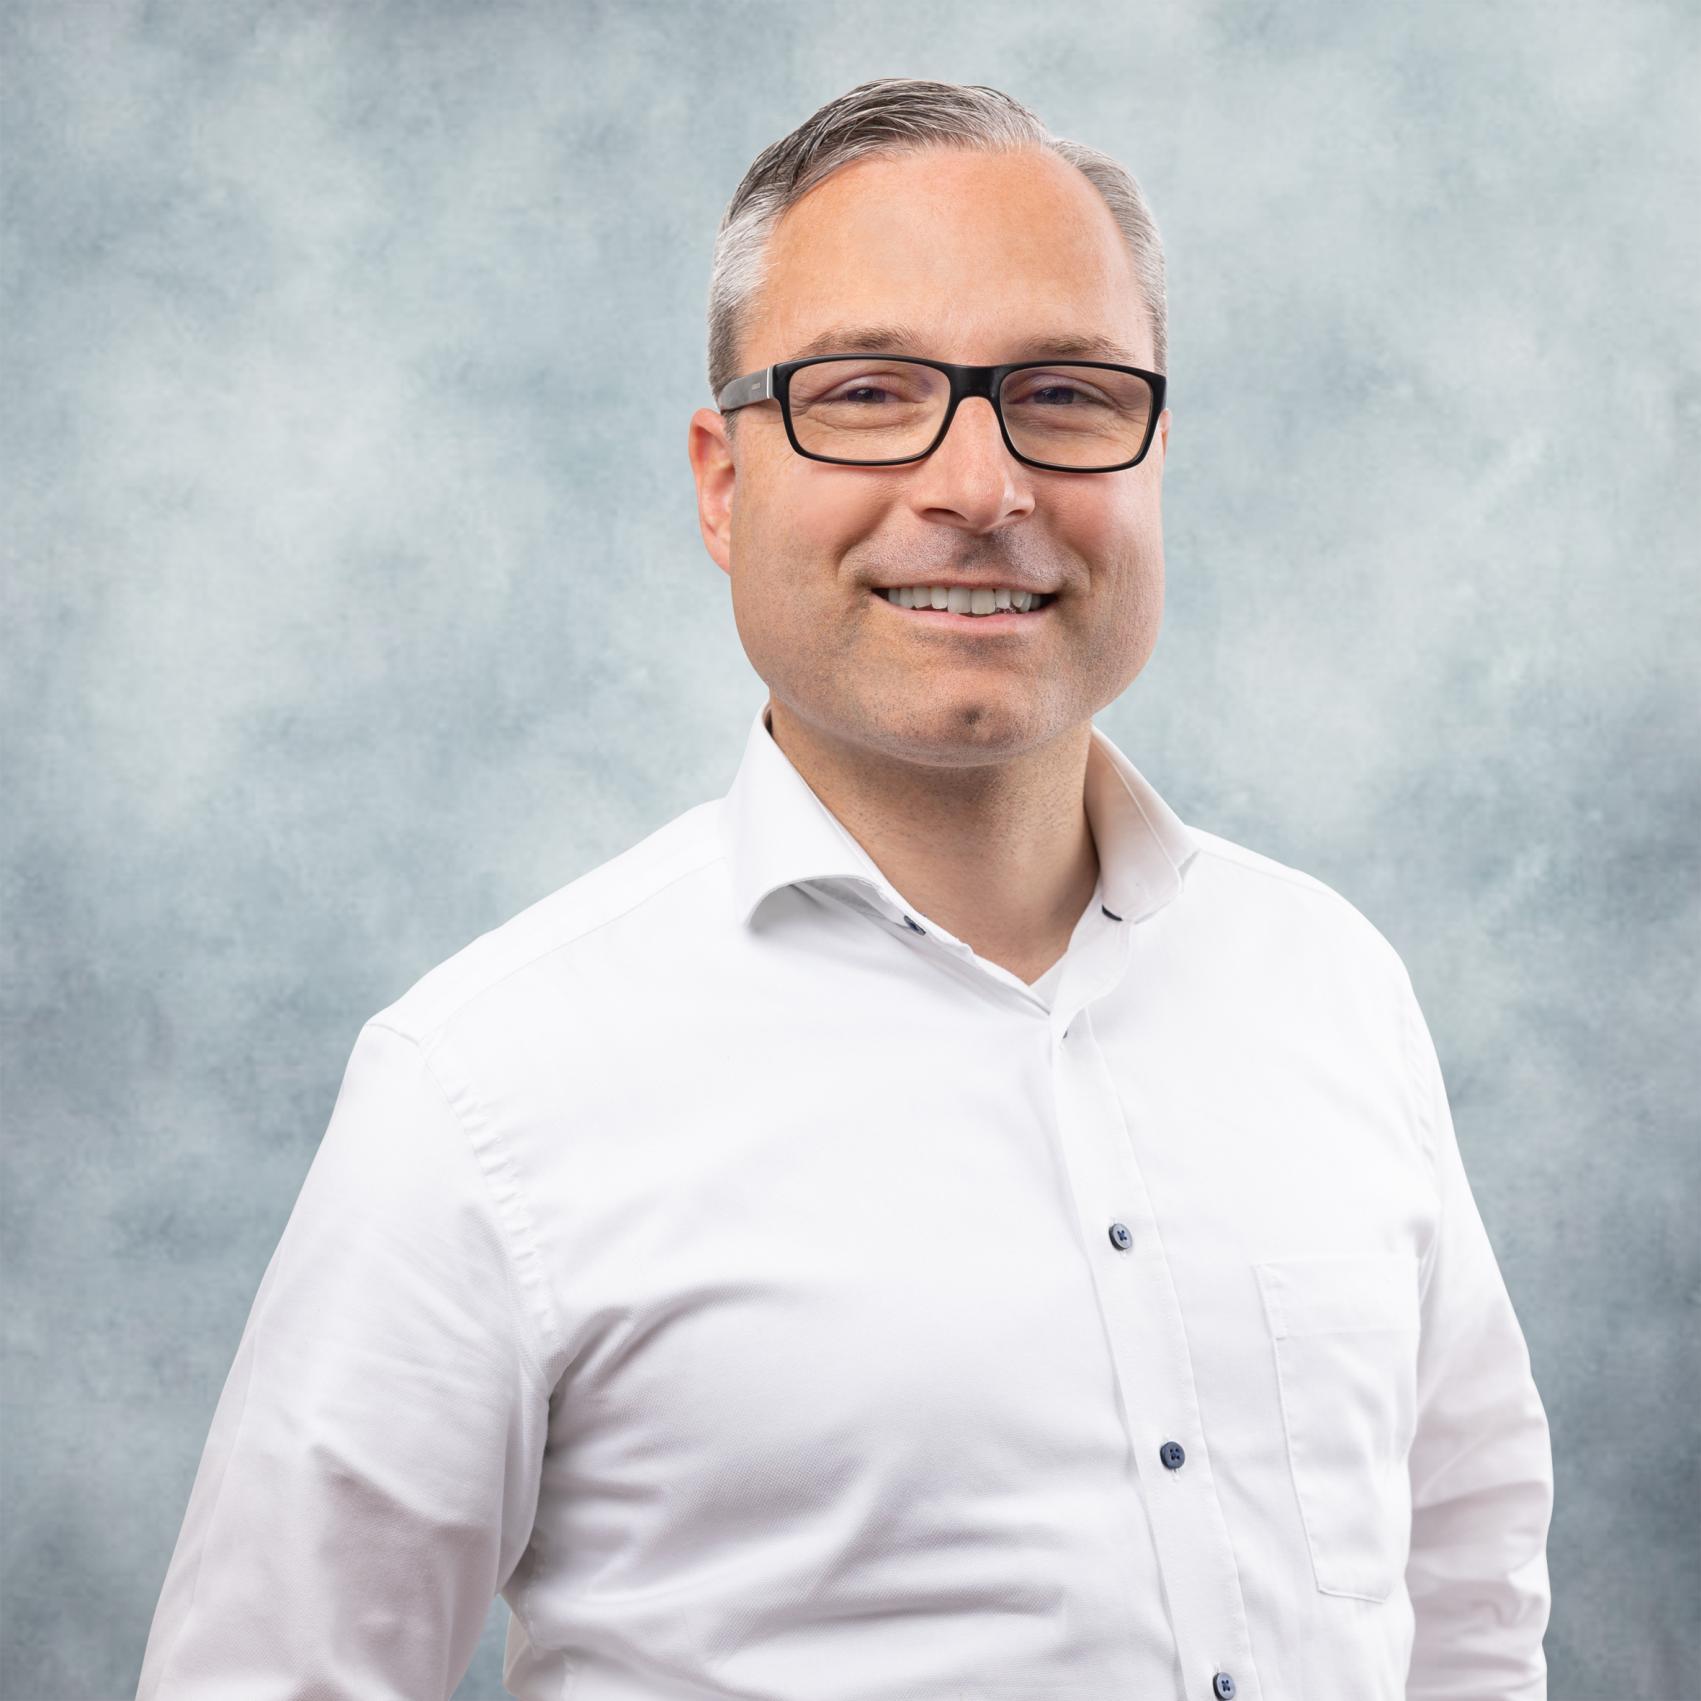 Dr. med. Thomas Blaschke - Strahlentherapie Appenweier